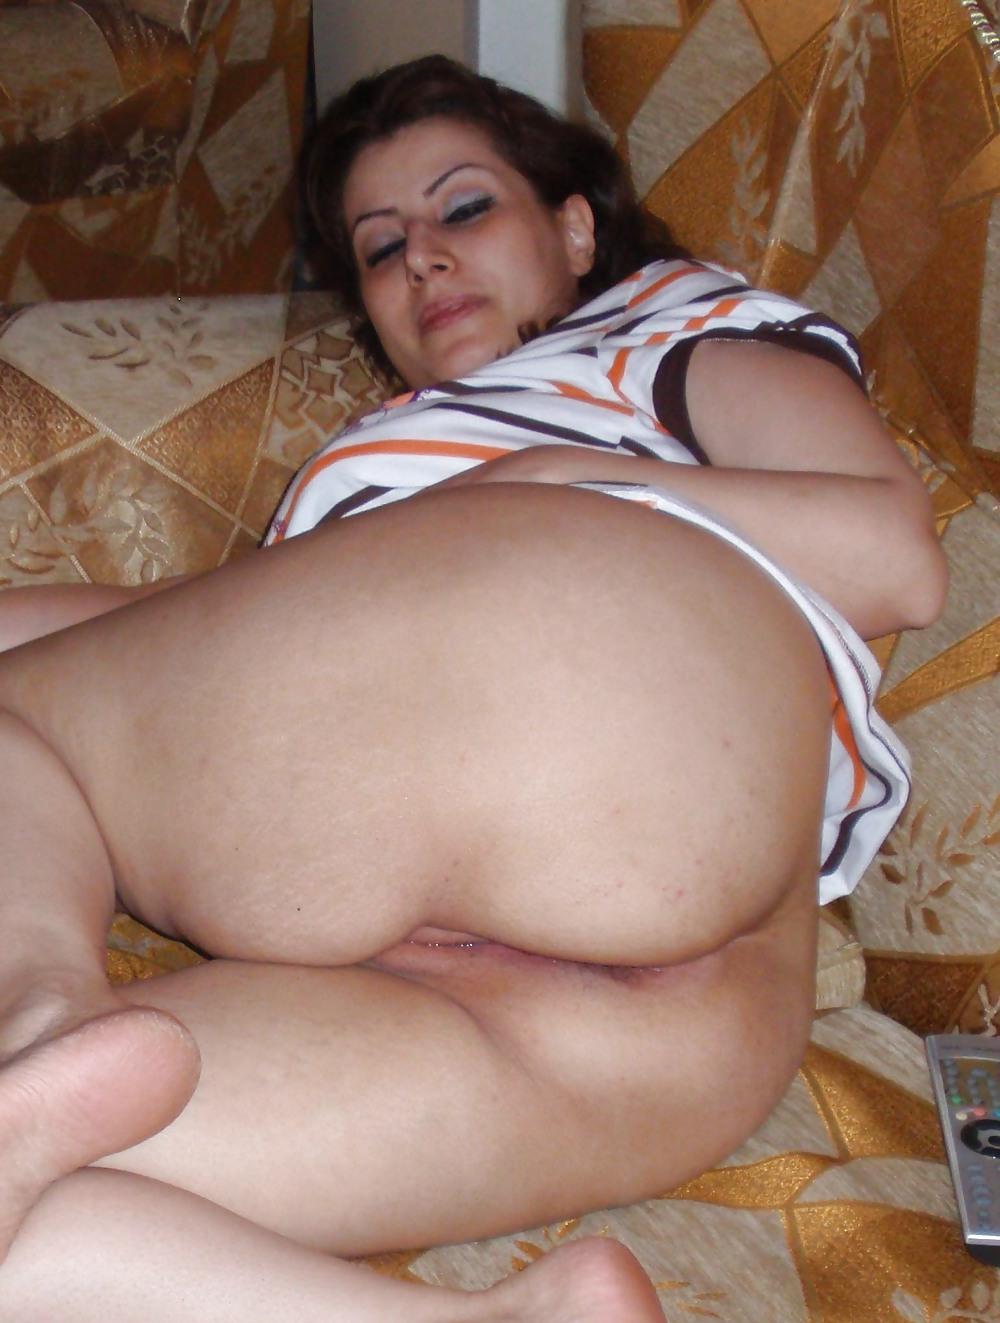 Smriti irani nude sexy photos today